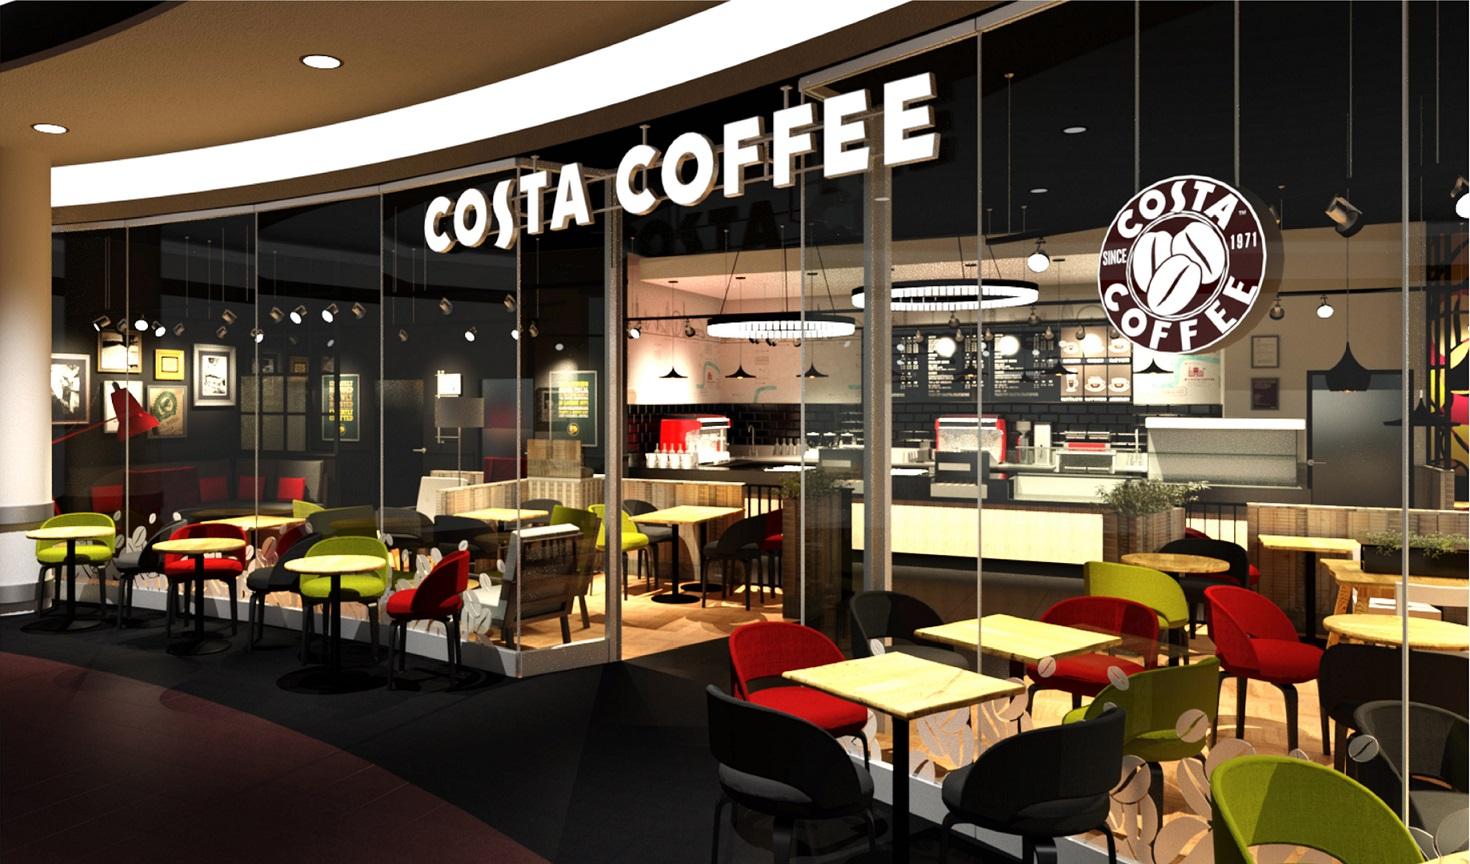 COCA-COLA COMPRA COSTA COFFEE POR MÁS DE 4.500 MILLONES DE DÓLARES